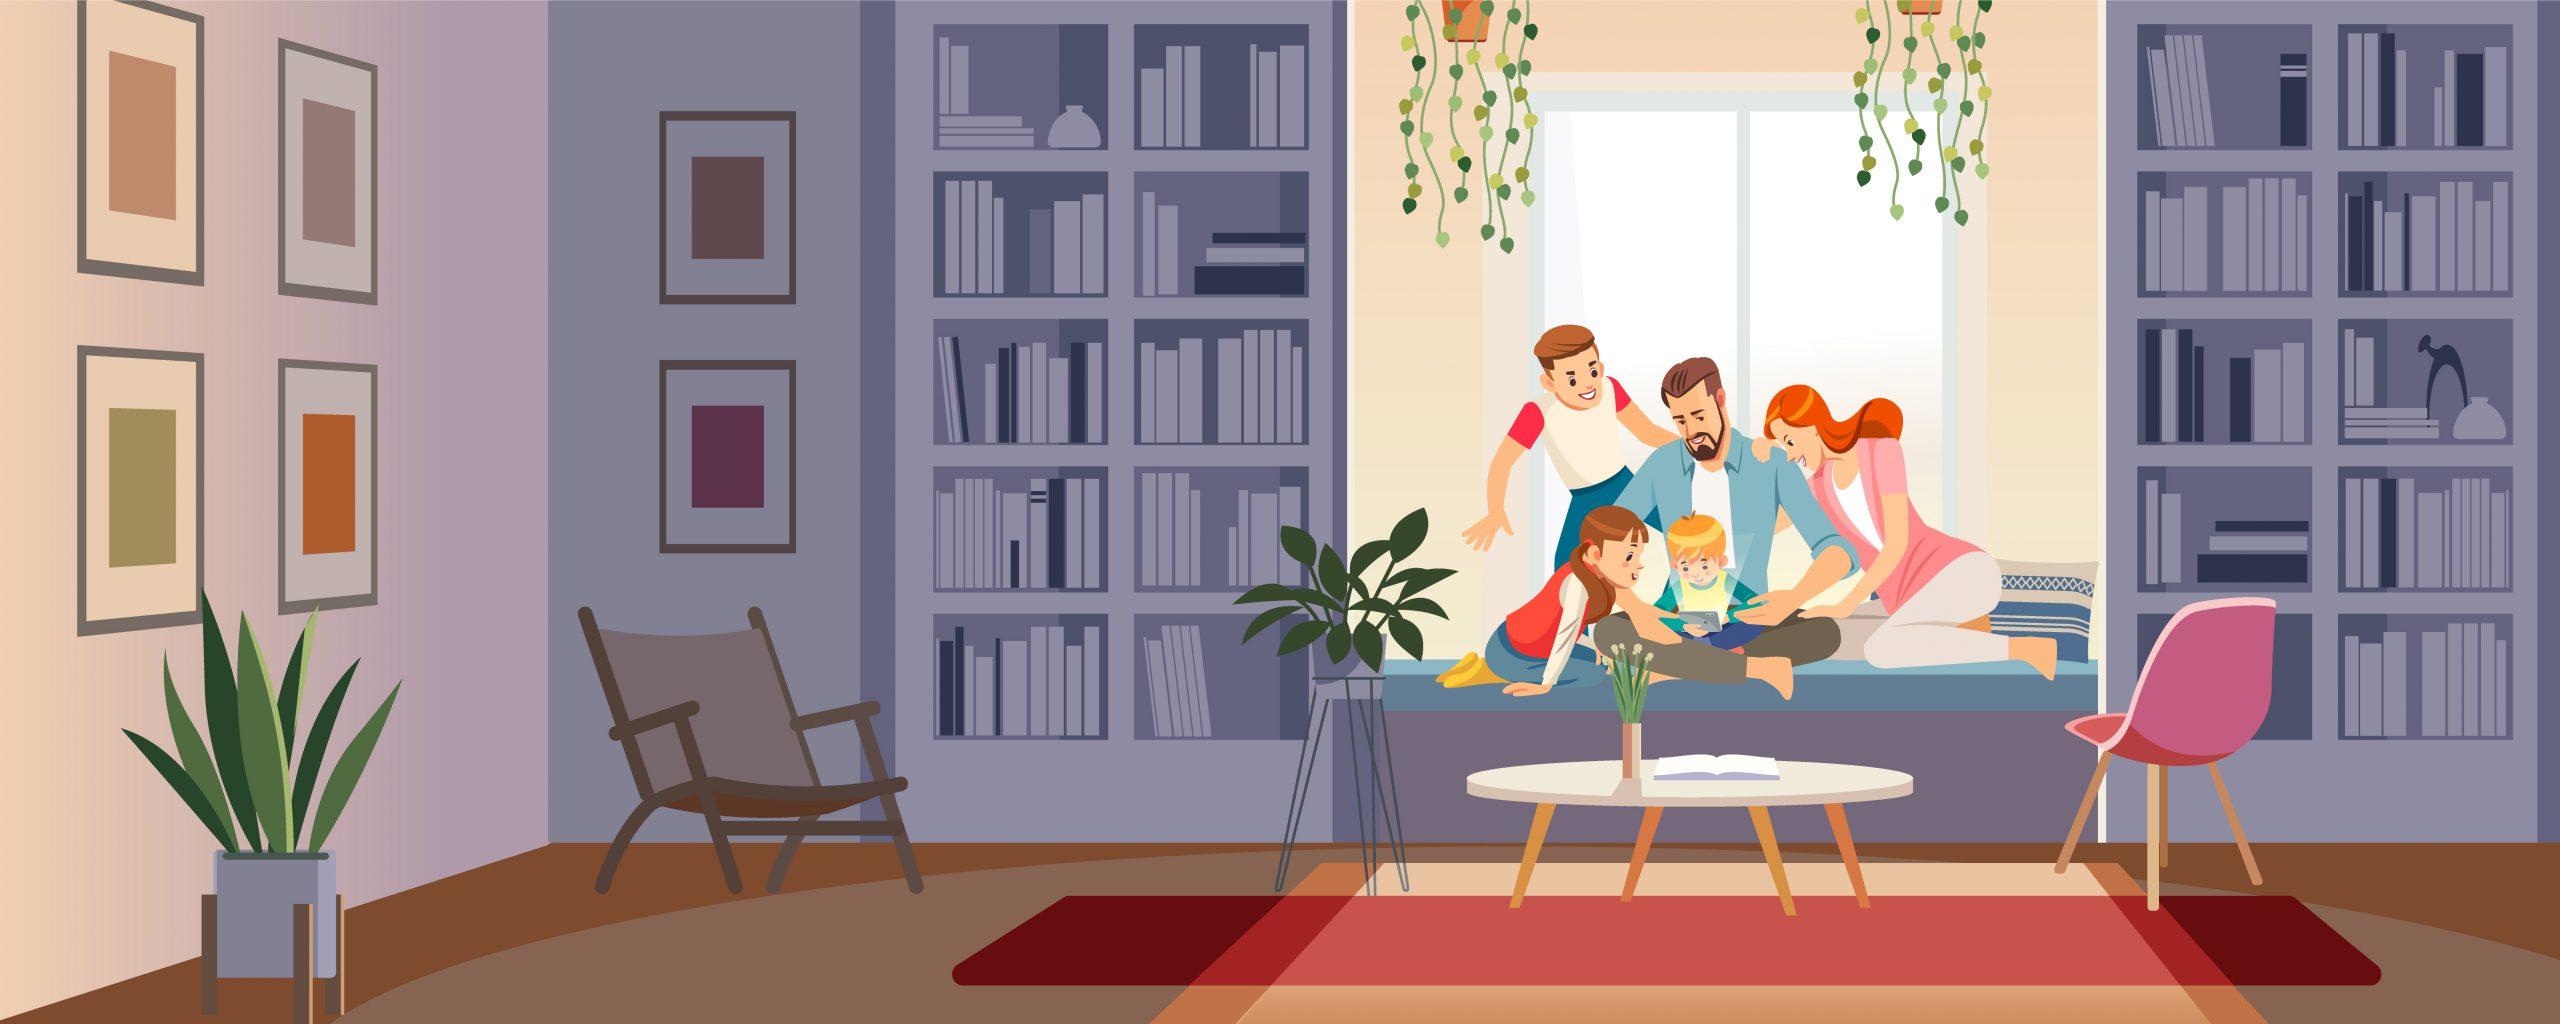 familie samen op tablet schermgebruik